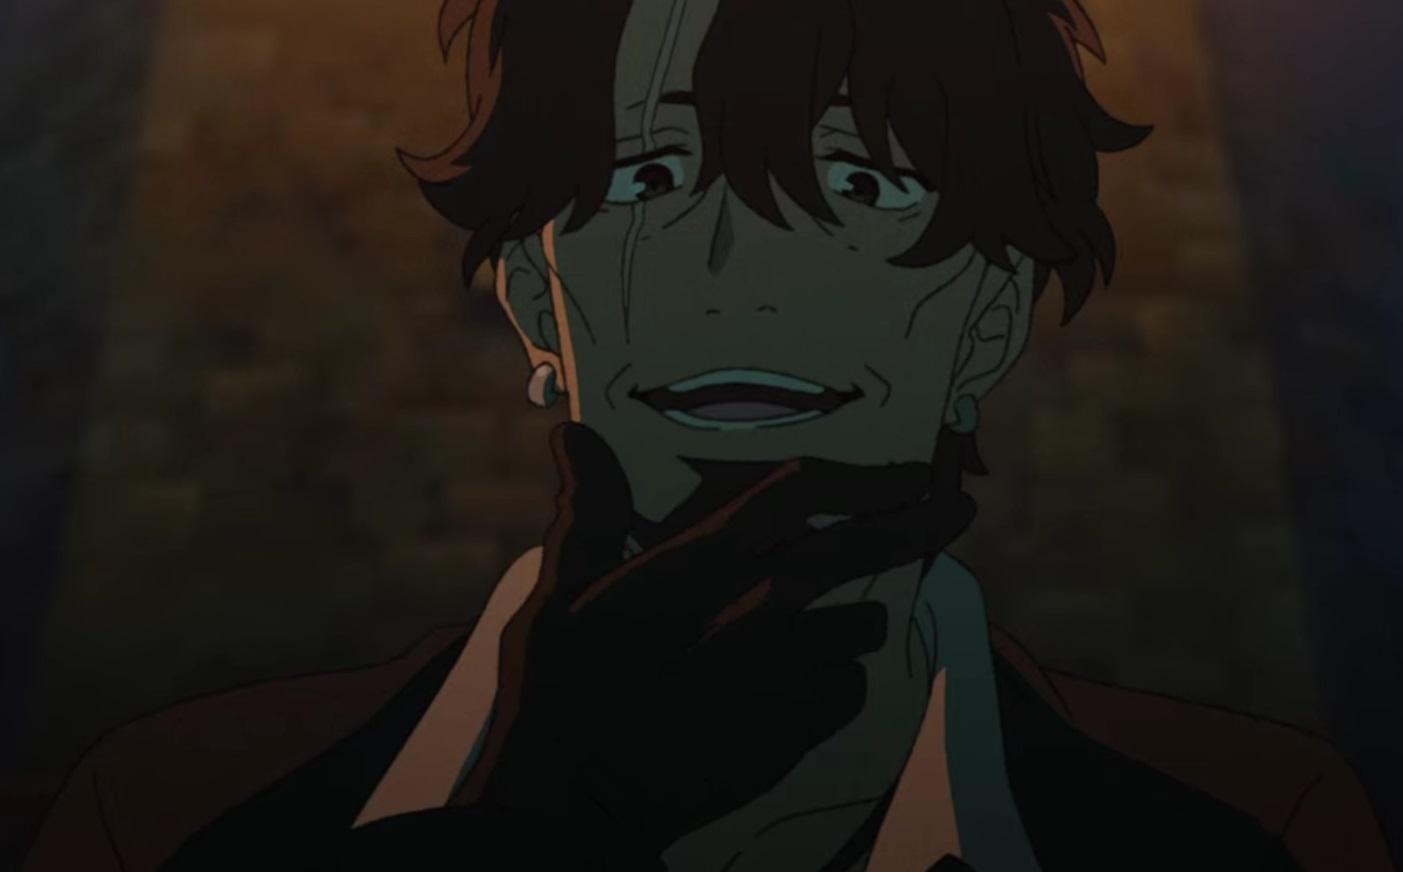 無職転生のアニメ(第2クール)第12話のネタバレ解説:ガルドとの再会